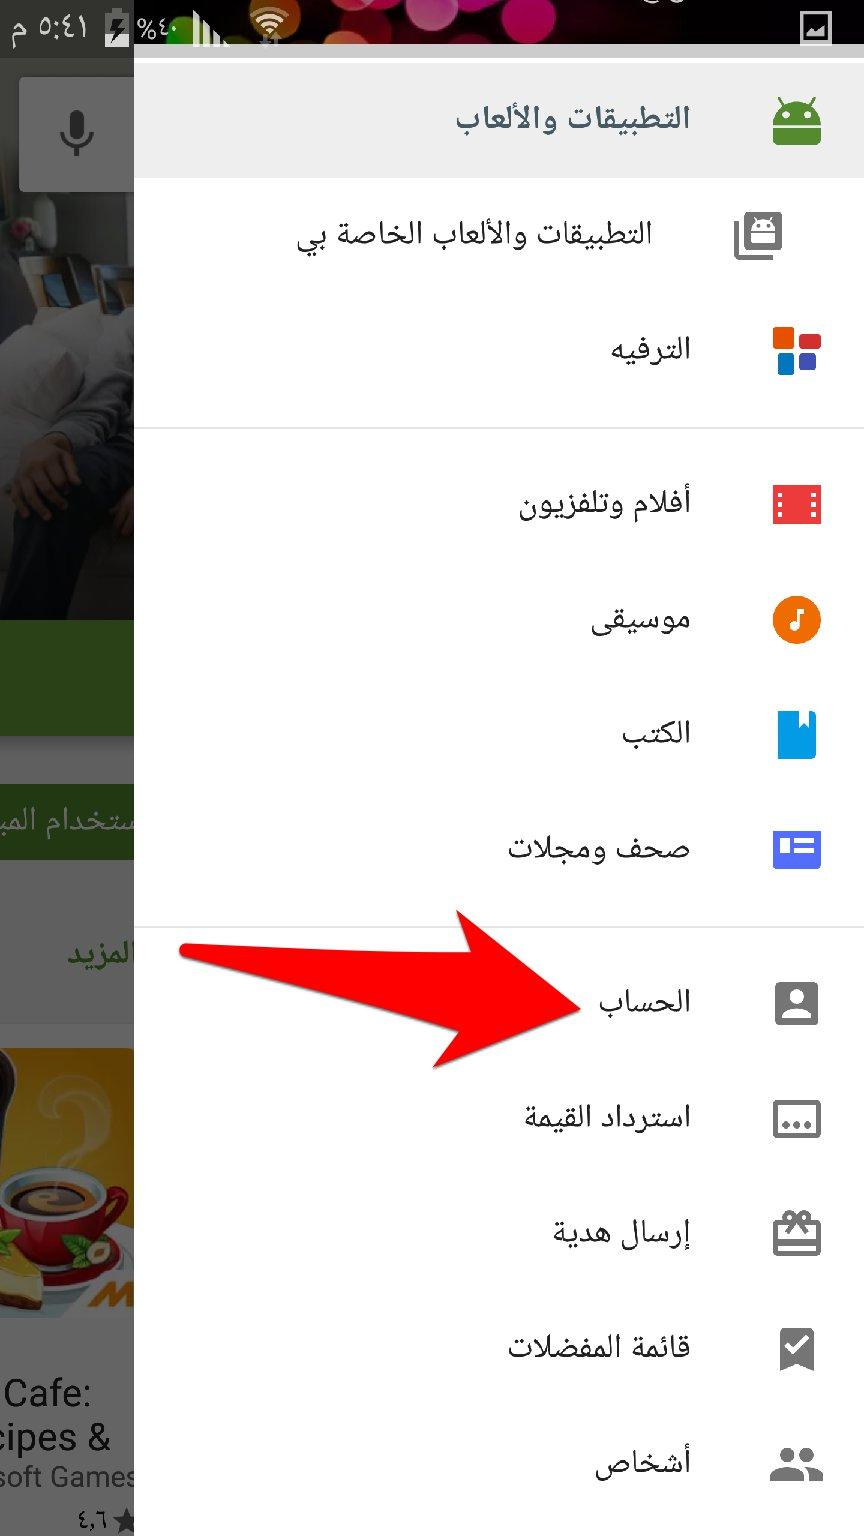 شرح مكتبة العائلة Family Library على جوجل بلاي المهم جداً